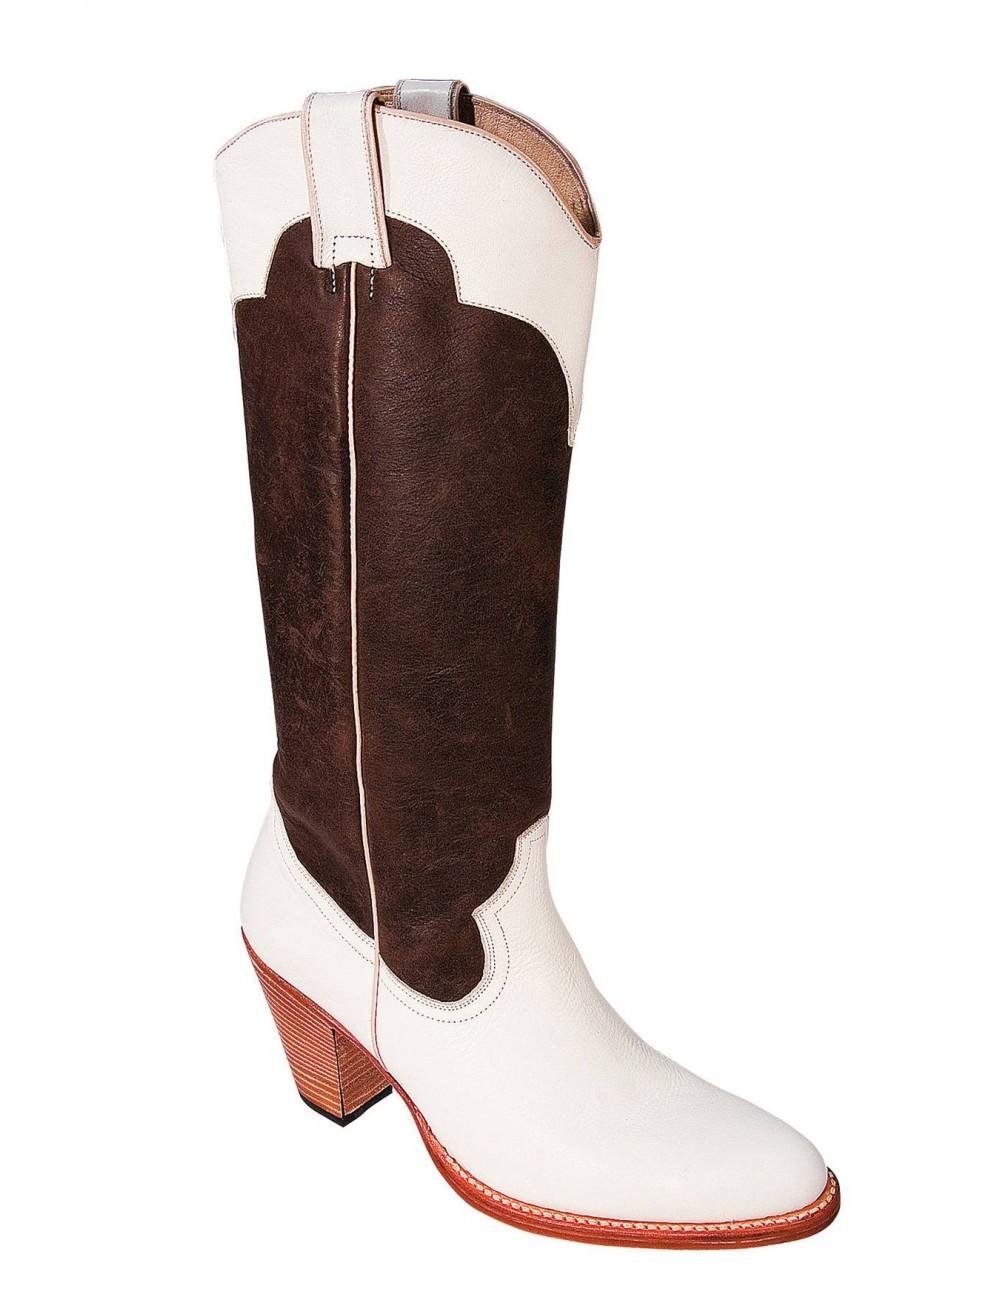 Bottes hautes cuir originales femme - Bottes santiags country artisanales